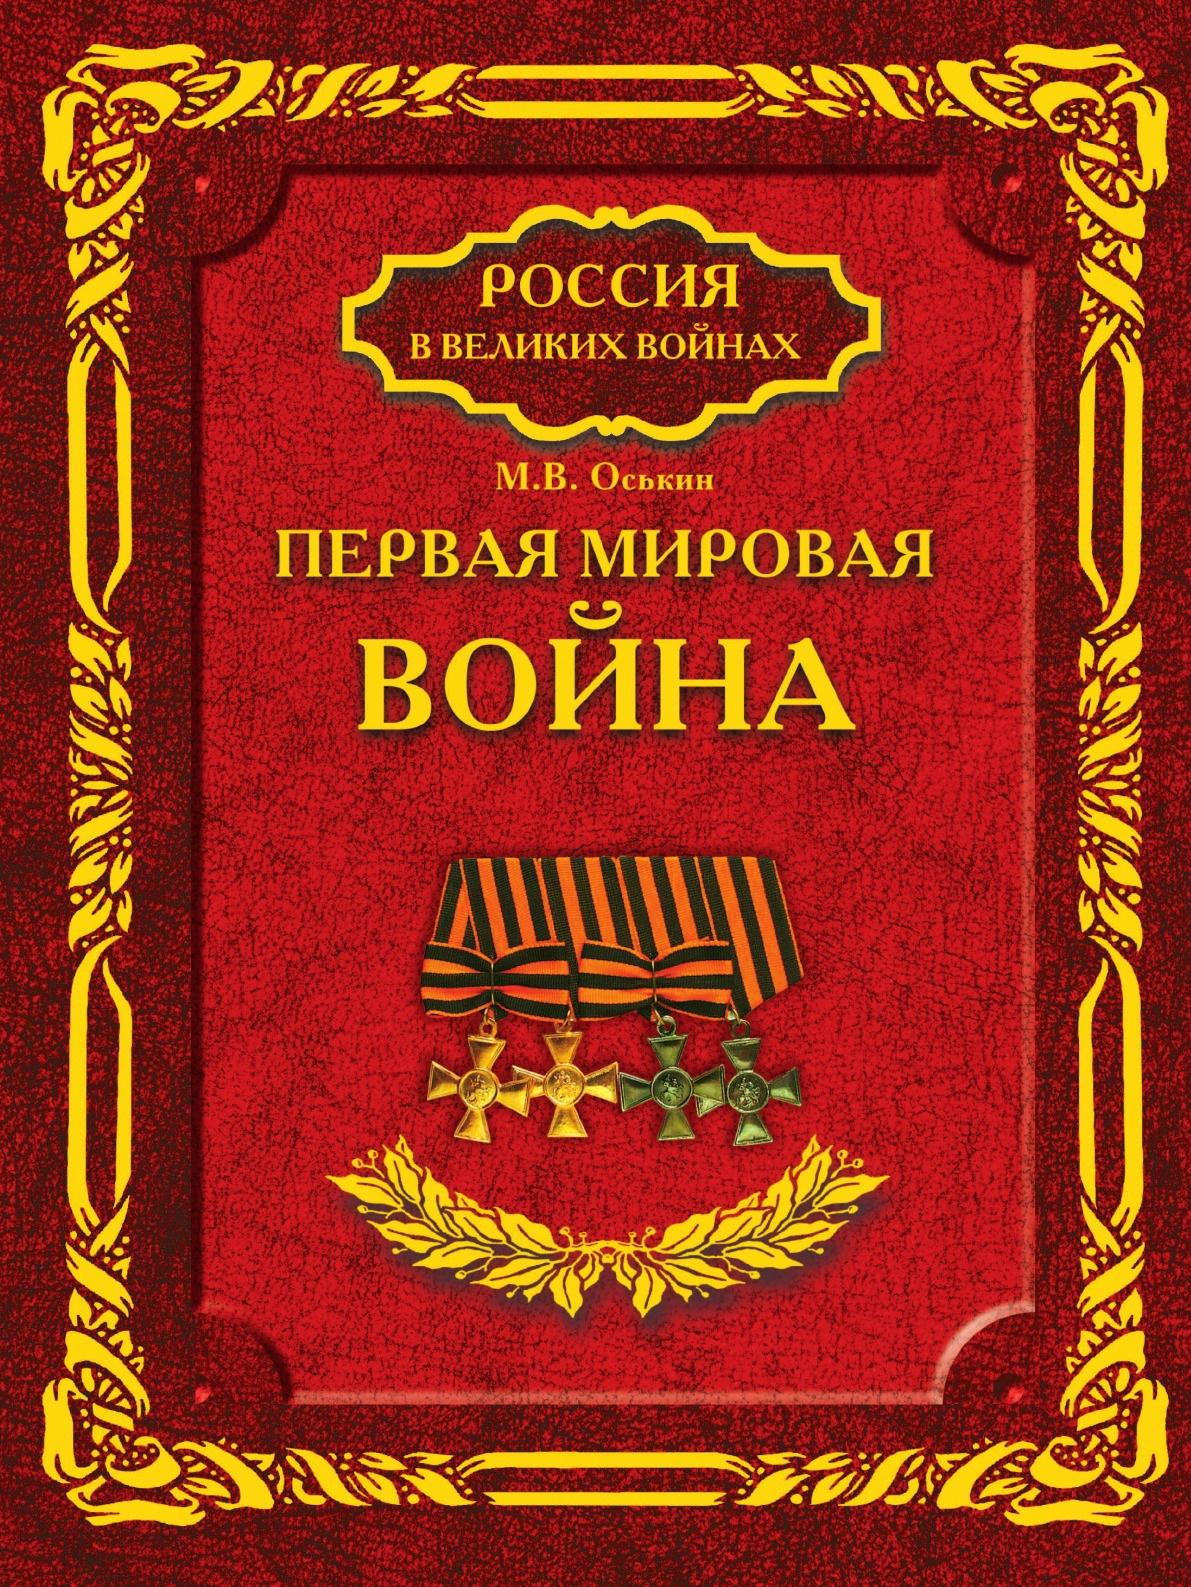 цена на М.В. Оськин Первая мировая война